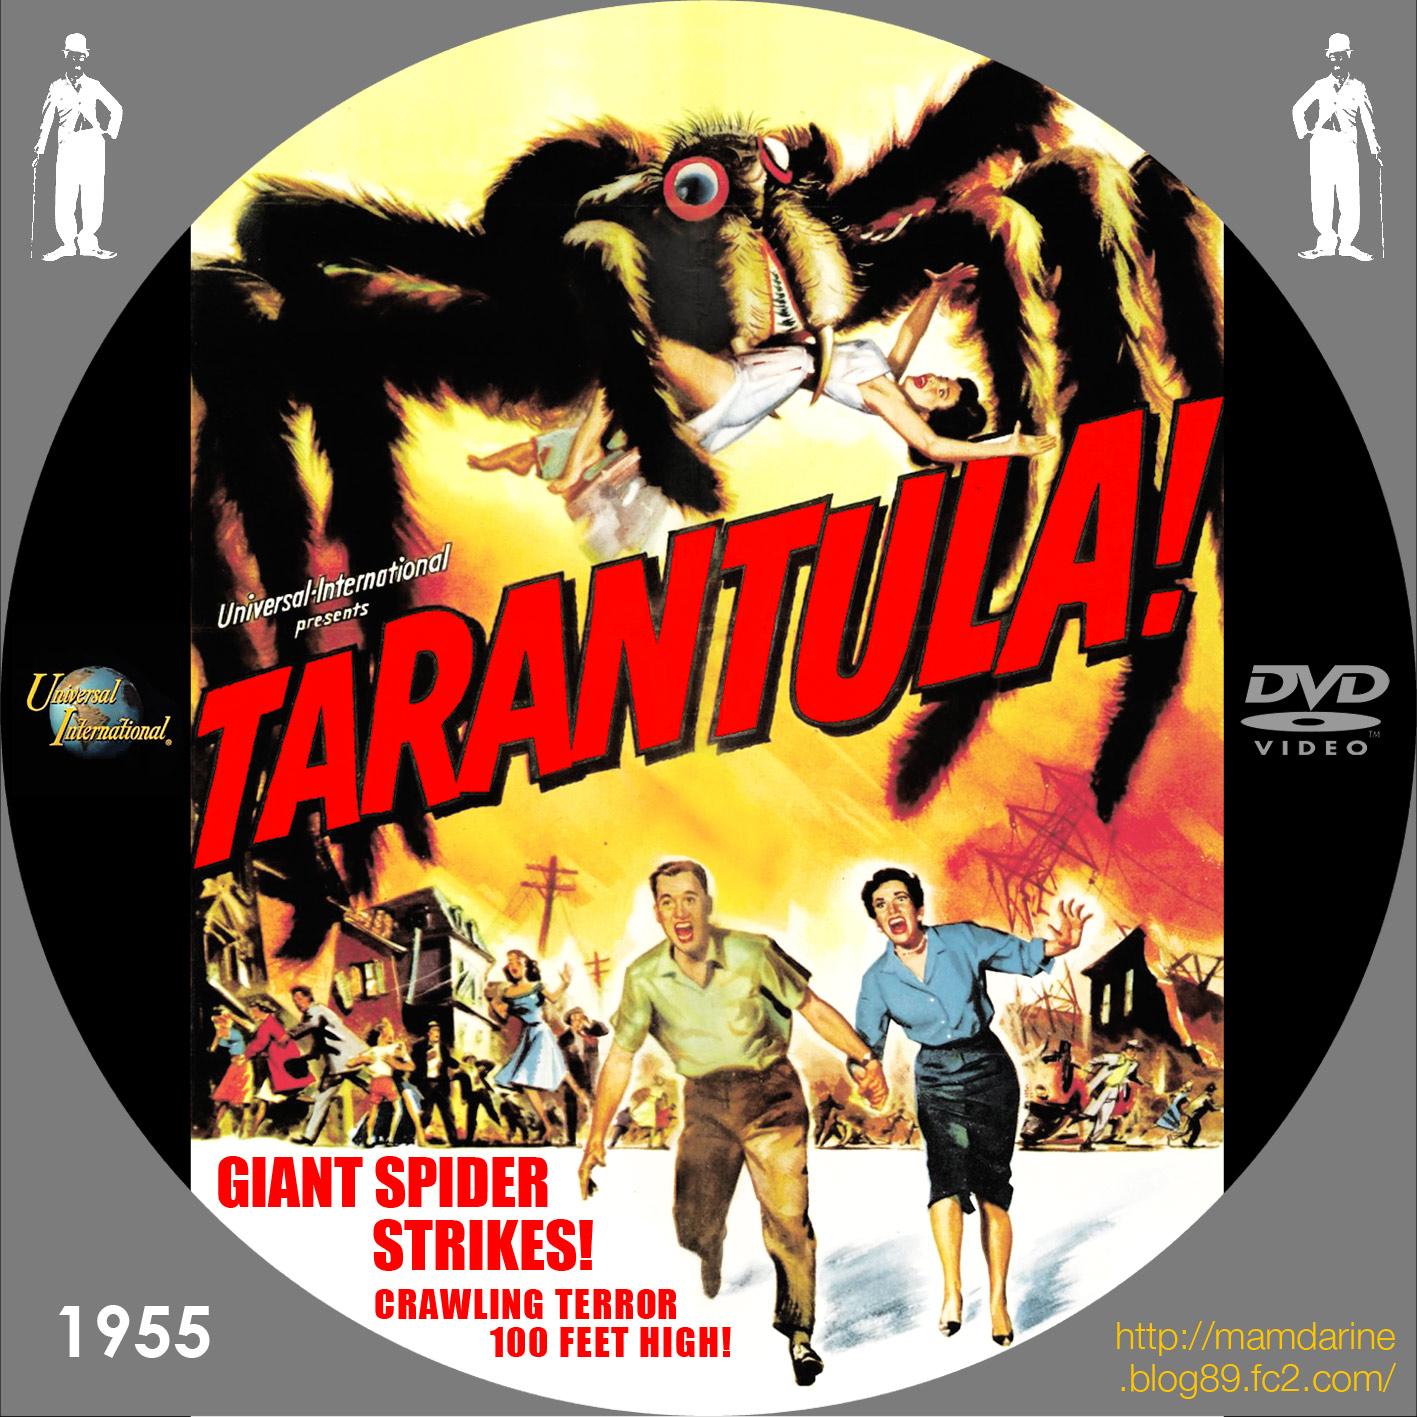 世紀の怪物/タランチュラの襲撃」 Tarantula(1955) - 美しき女 ...